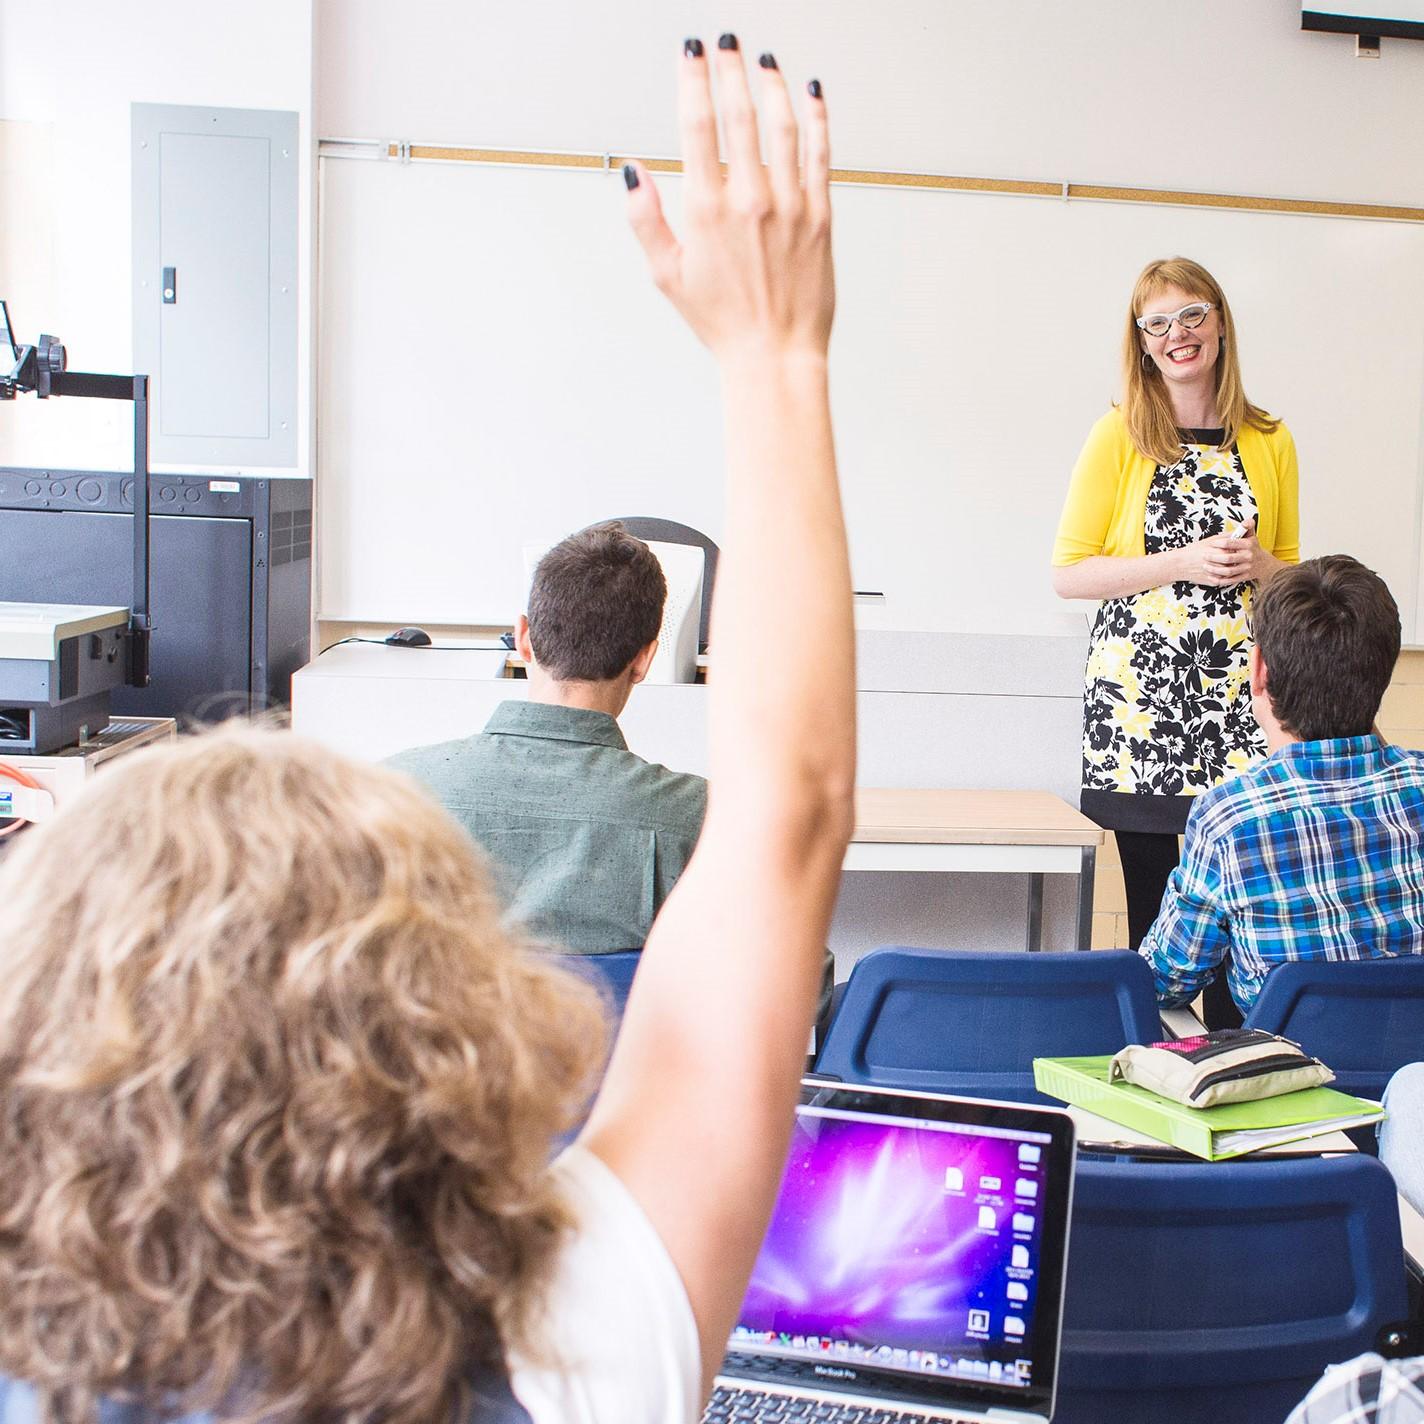 classe-ordinateur-etudiants-enseignante-question-main-levee-carre.jpg